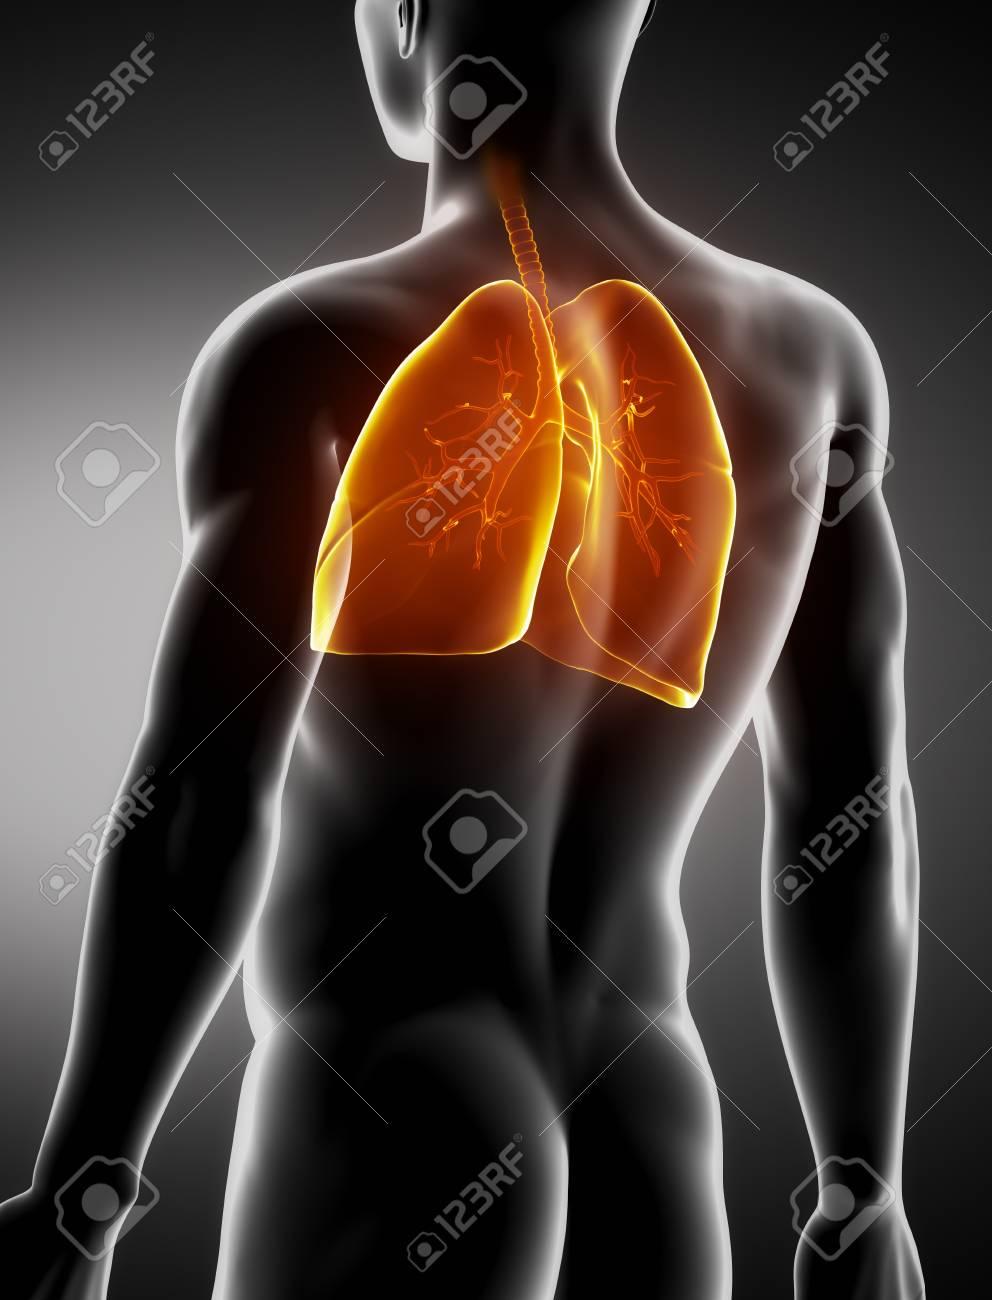 Los Pulmones Y La Anatomía Posterior Visión De Rayos X Macho Tráquea ...